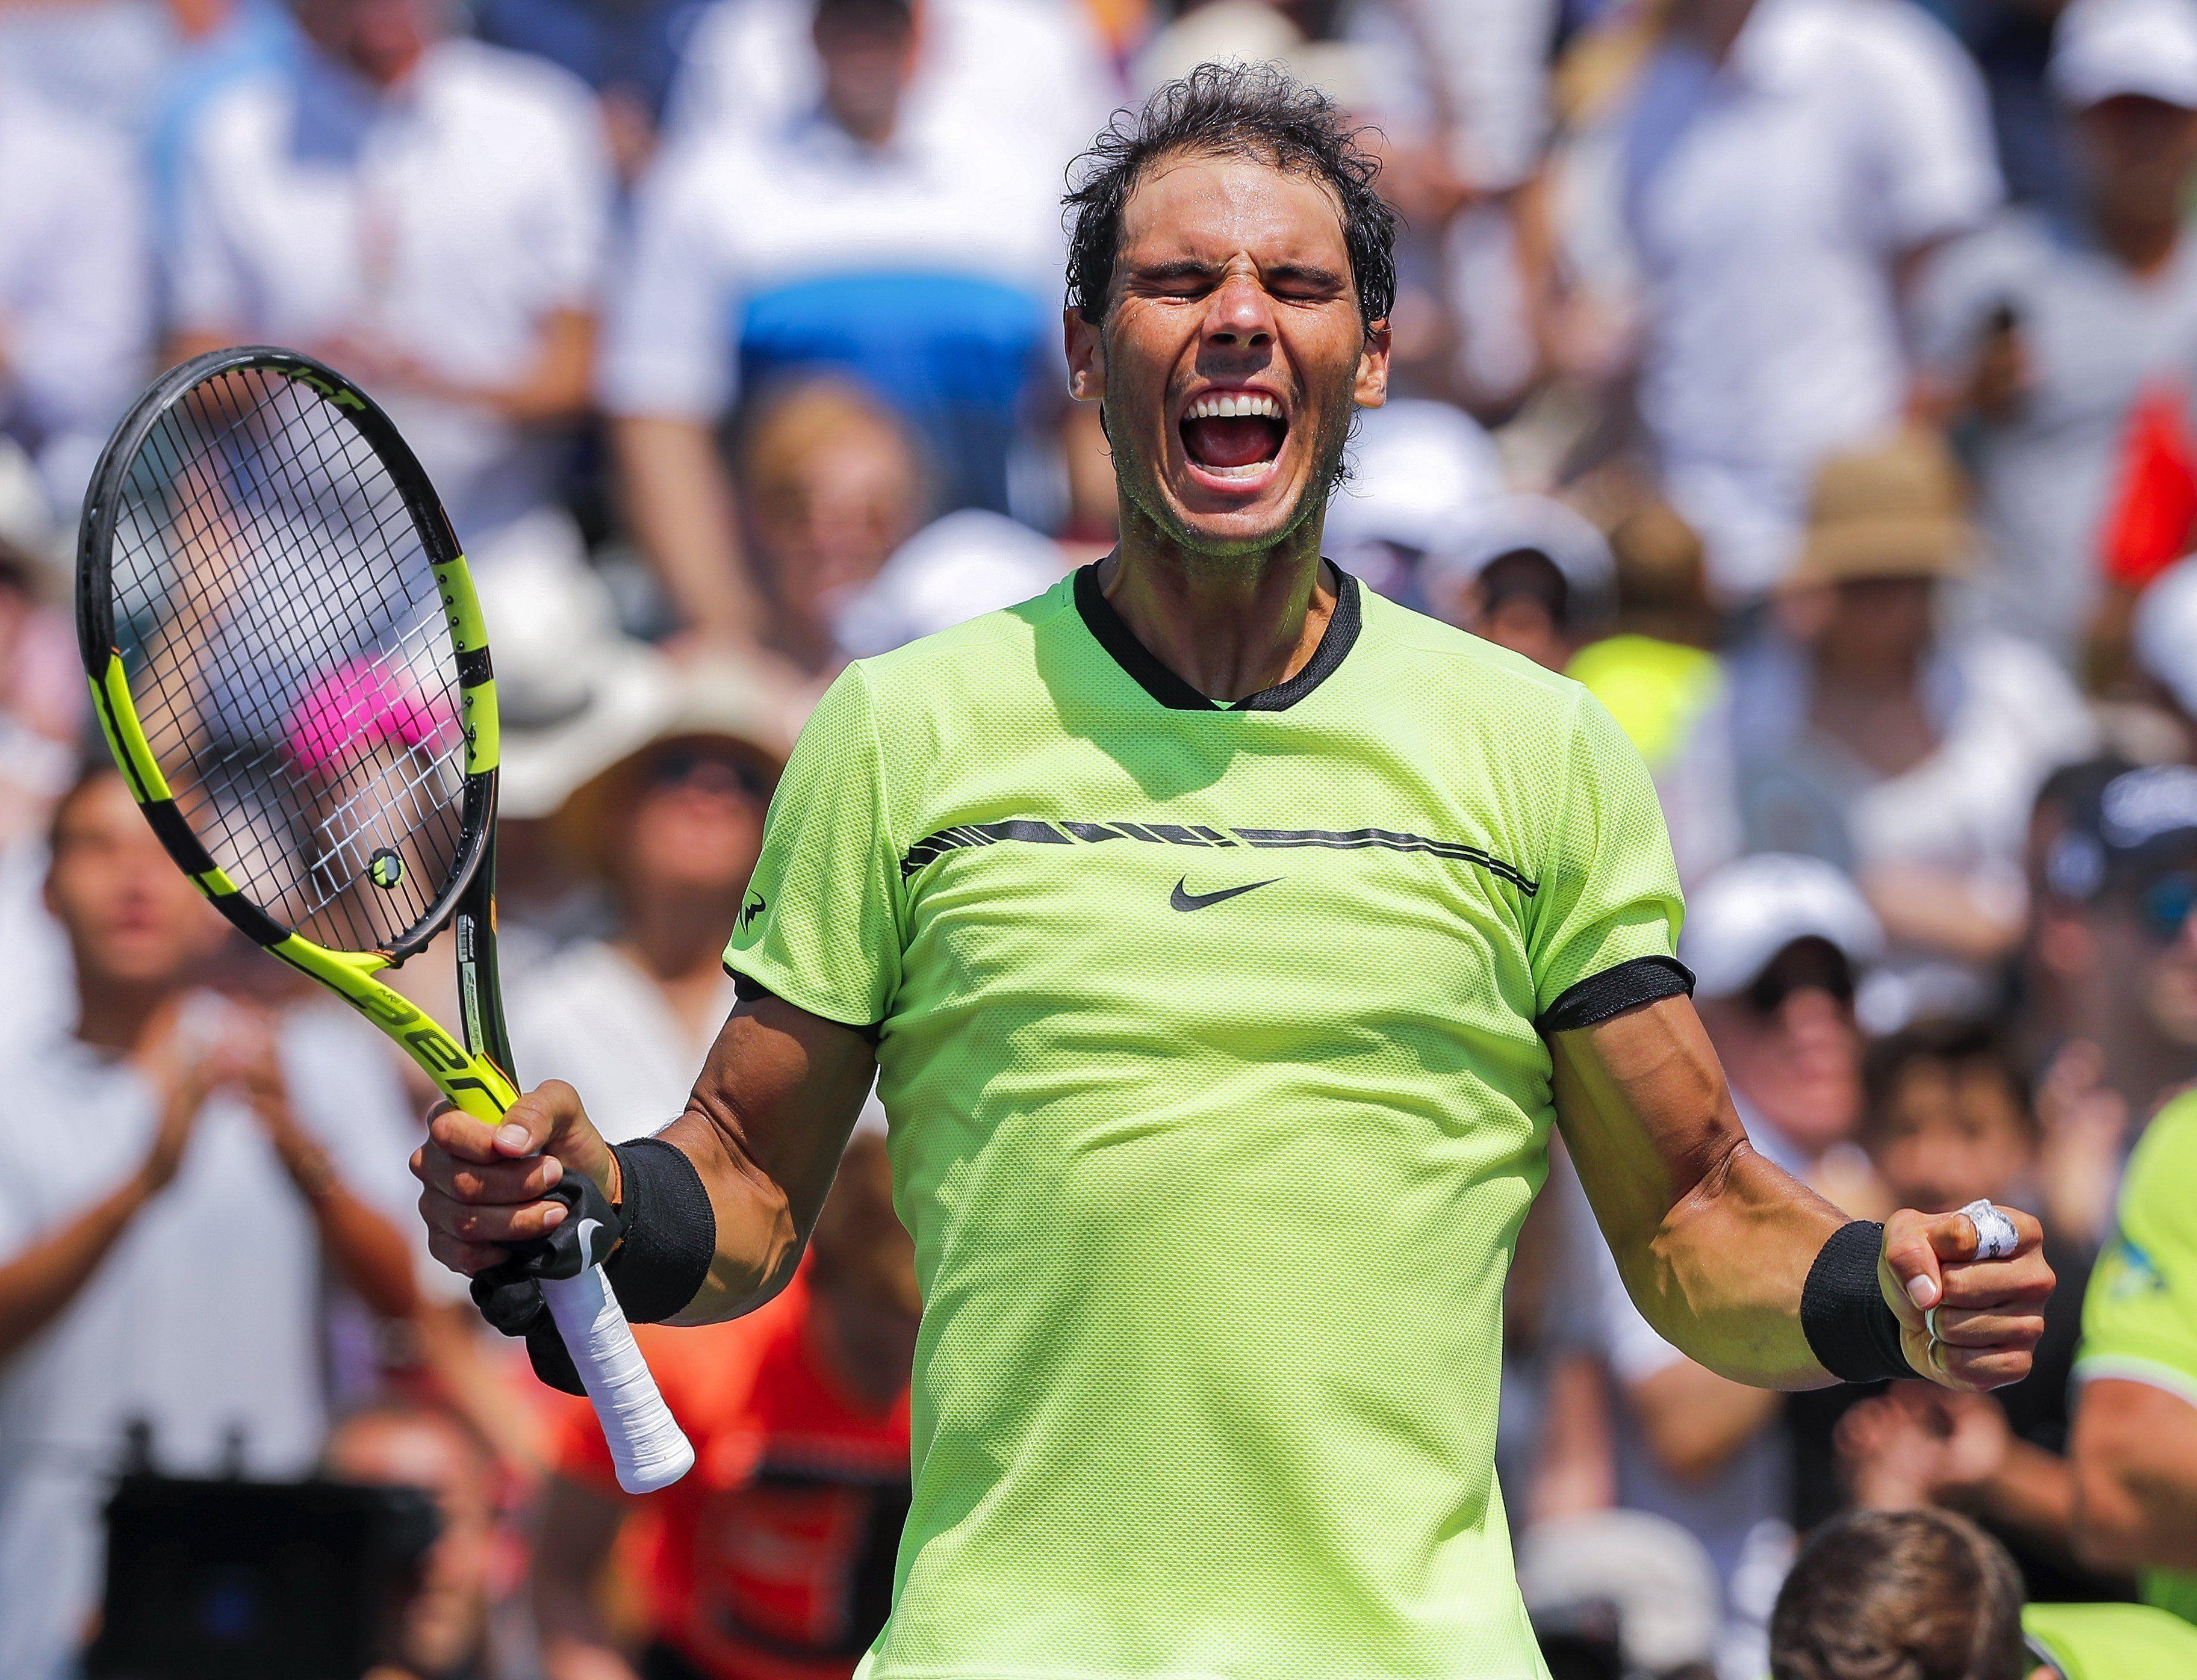 El español está en la final del Masters 1000 de Miami